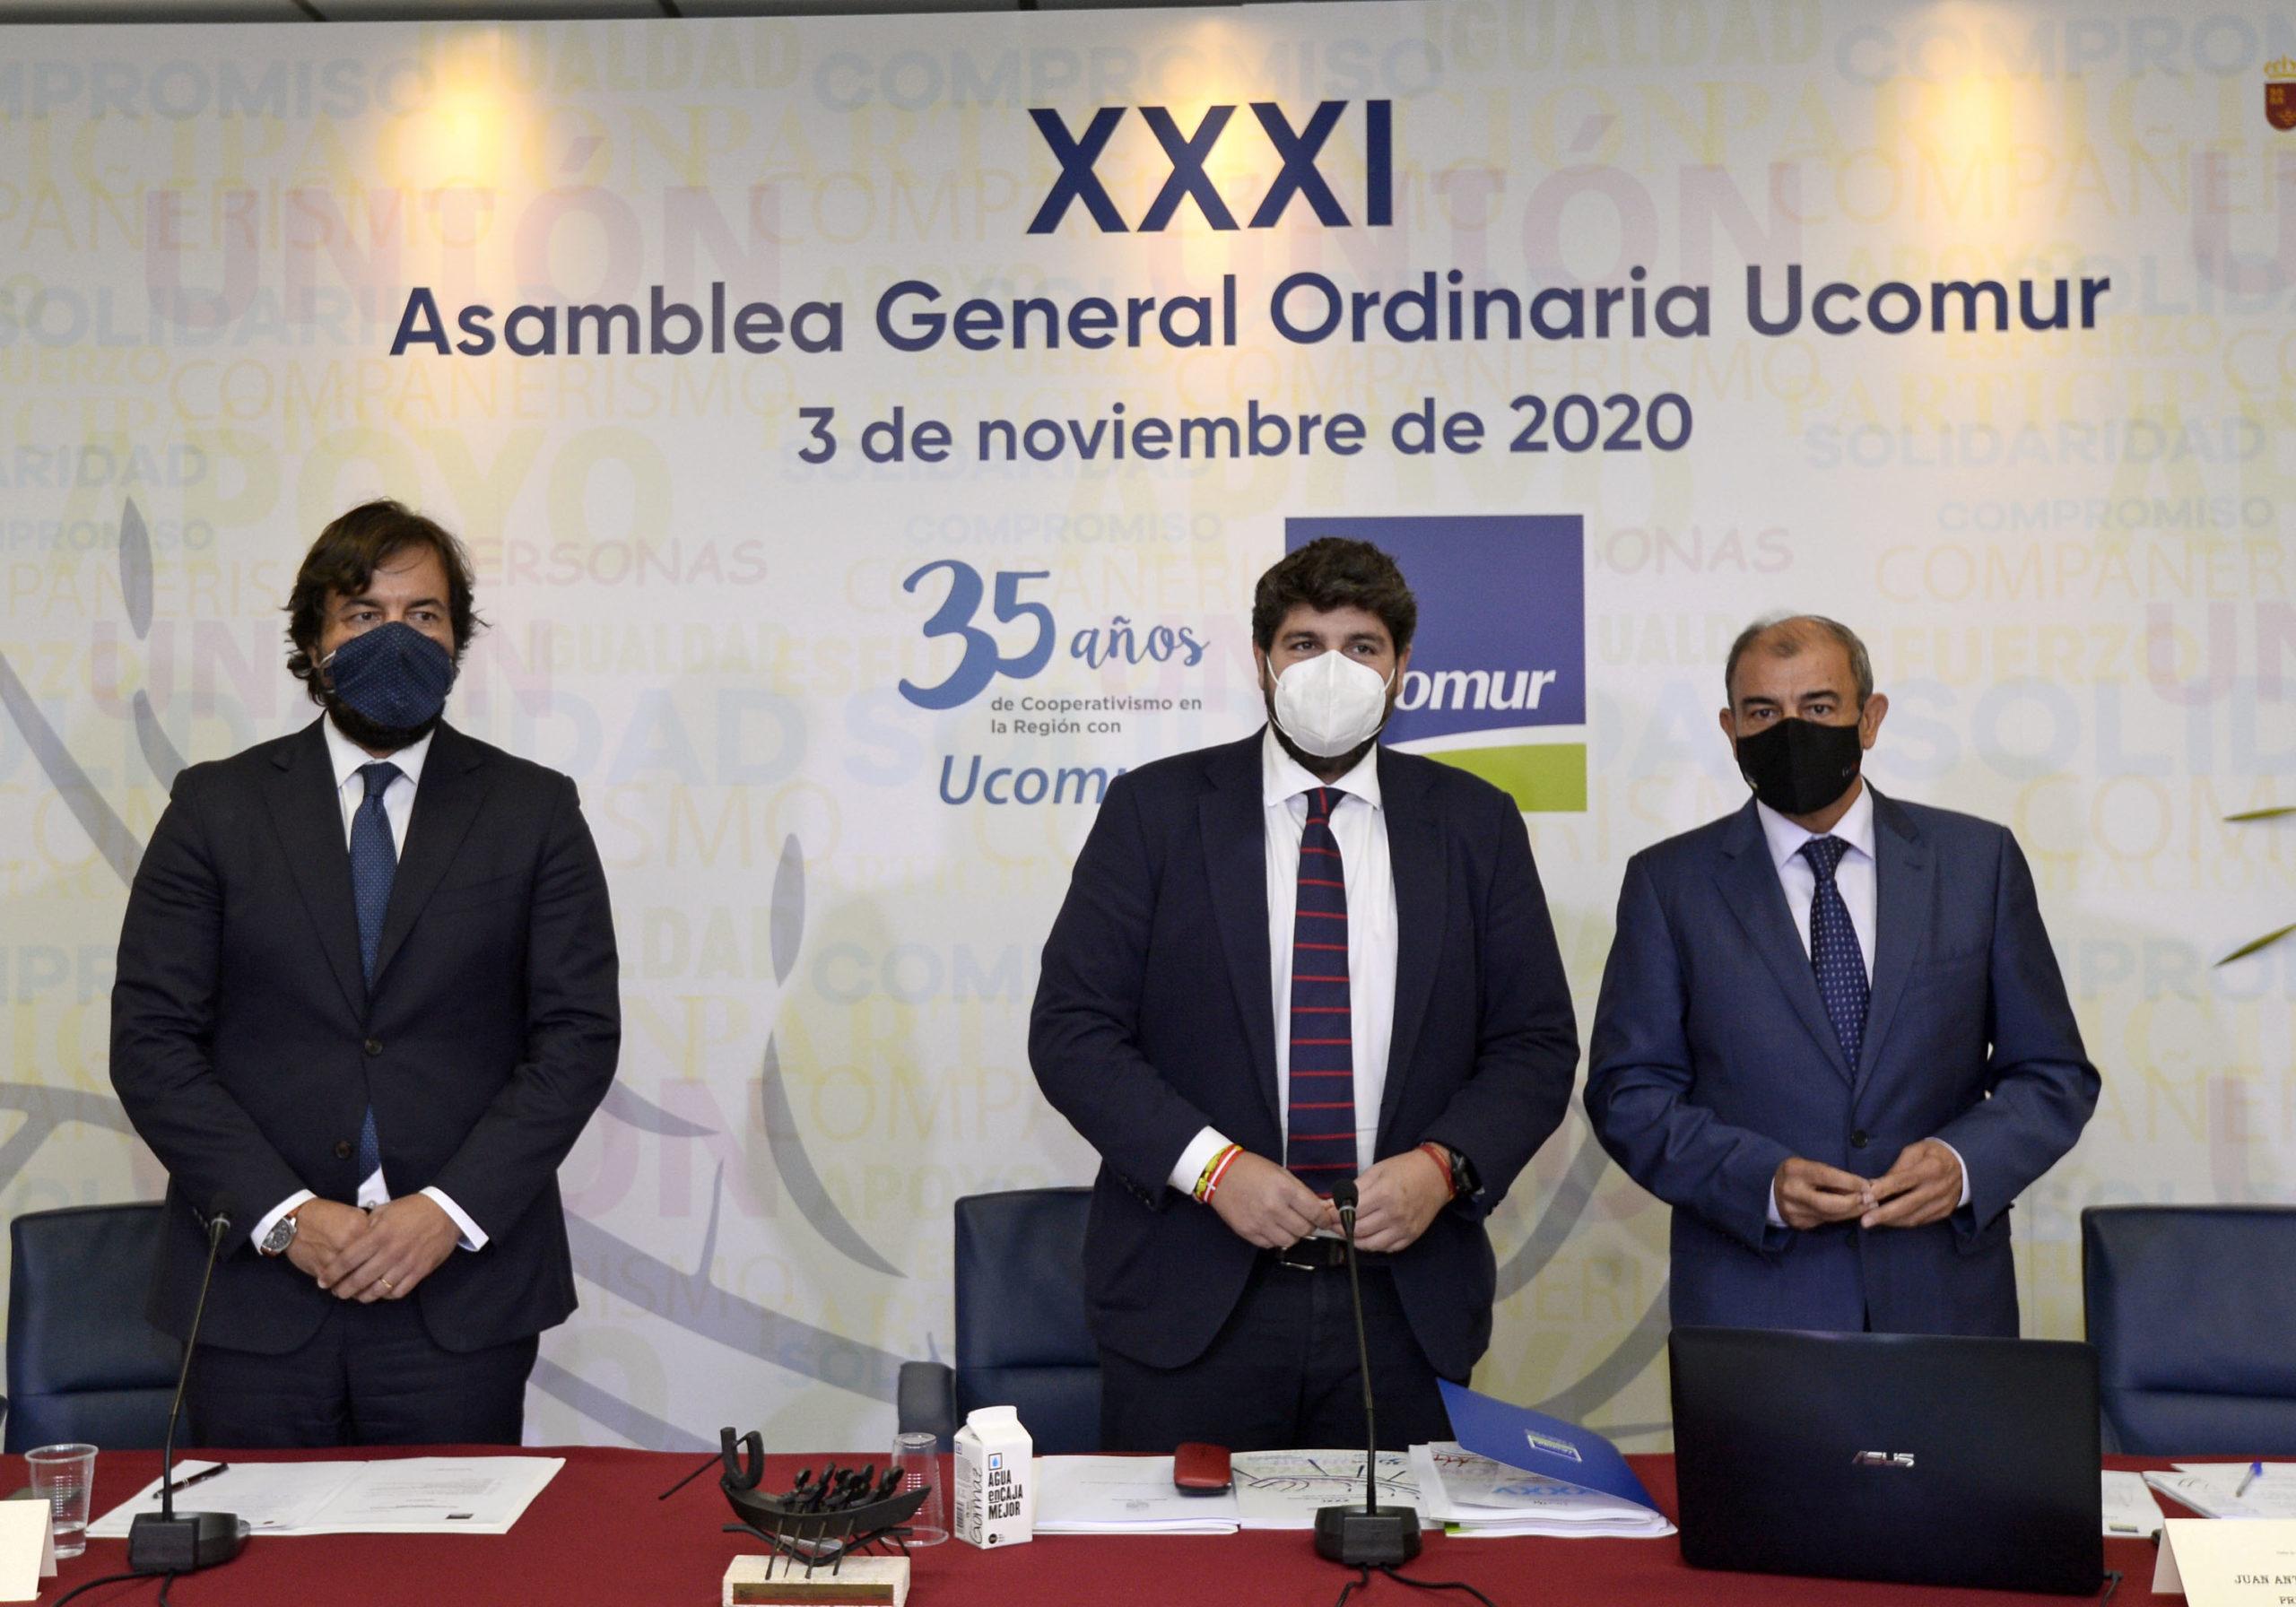 El pasado 3 de noviembre de 2020 tuvo lugar la celebración de la XXXI asamblea general ordinaria de la Unión de Cooperativas de Trabajo Asociado de la Región de Murcia.